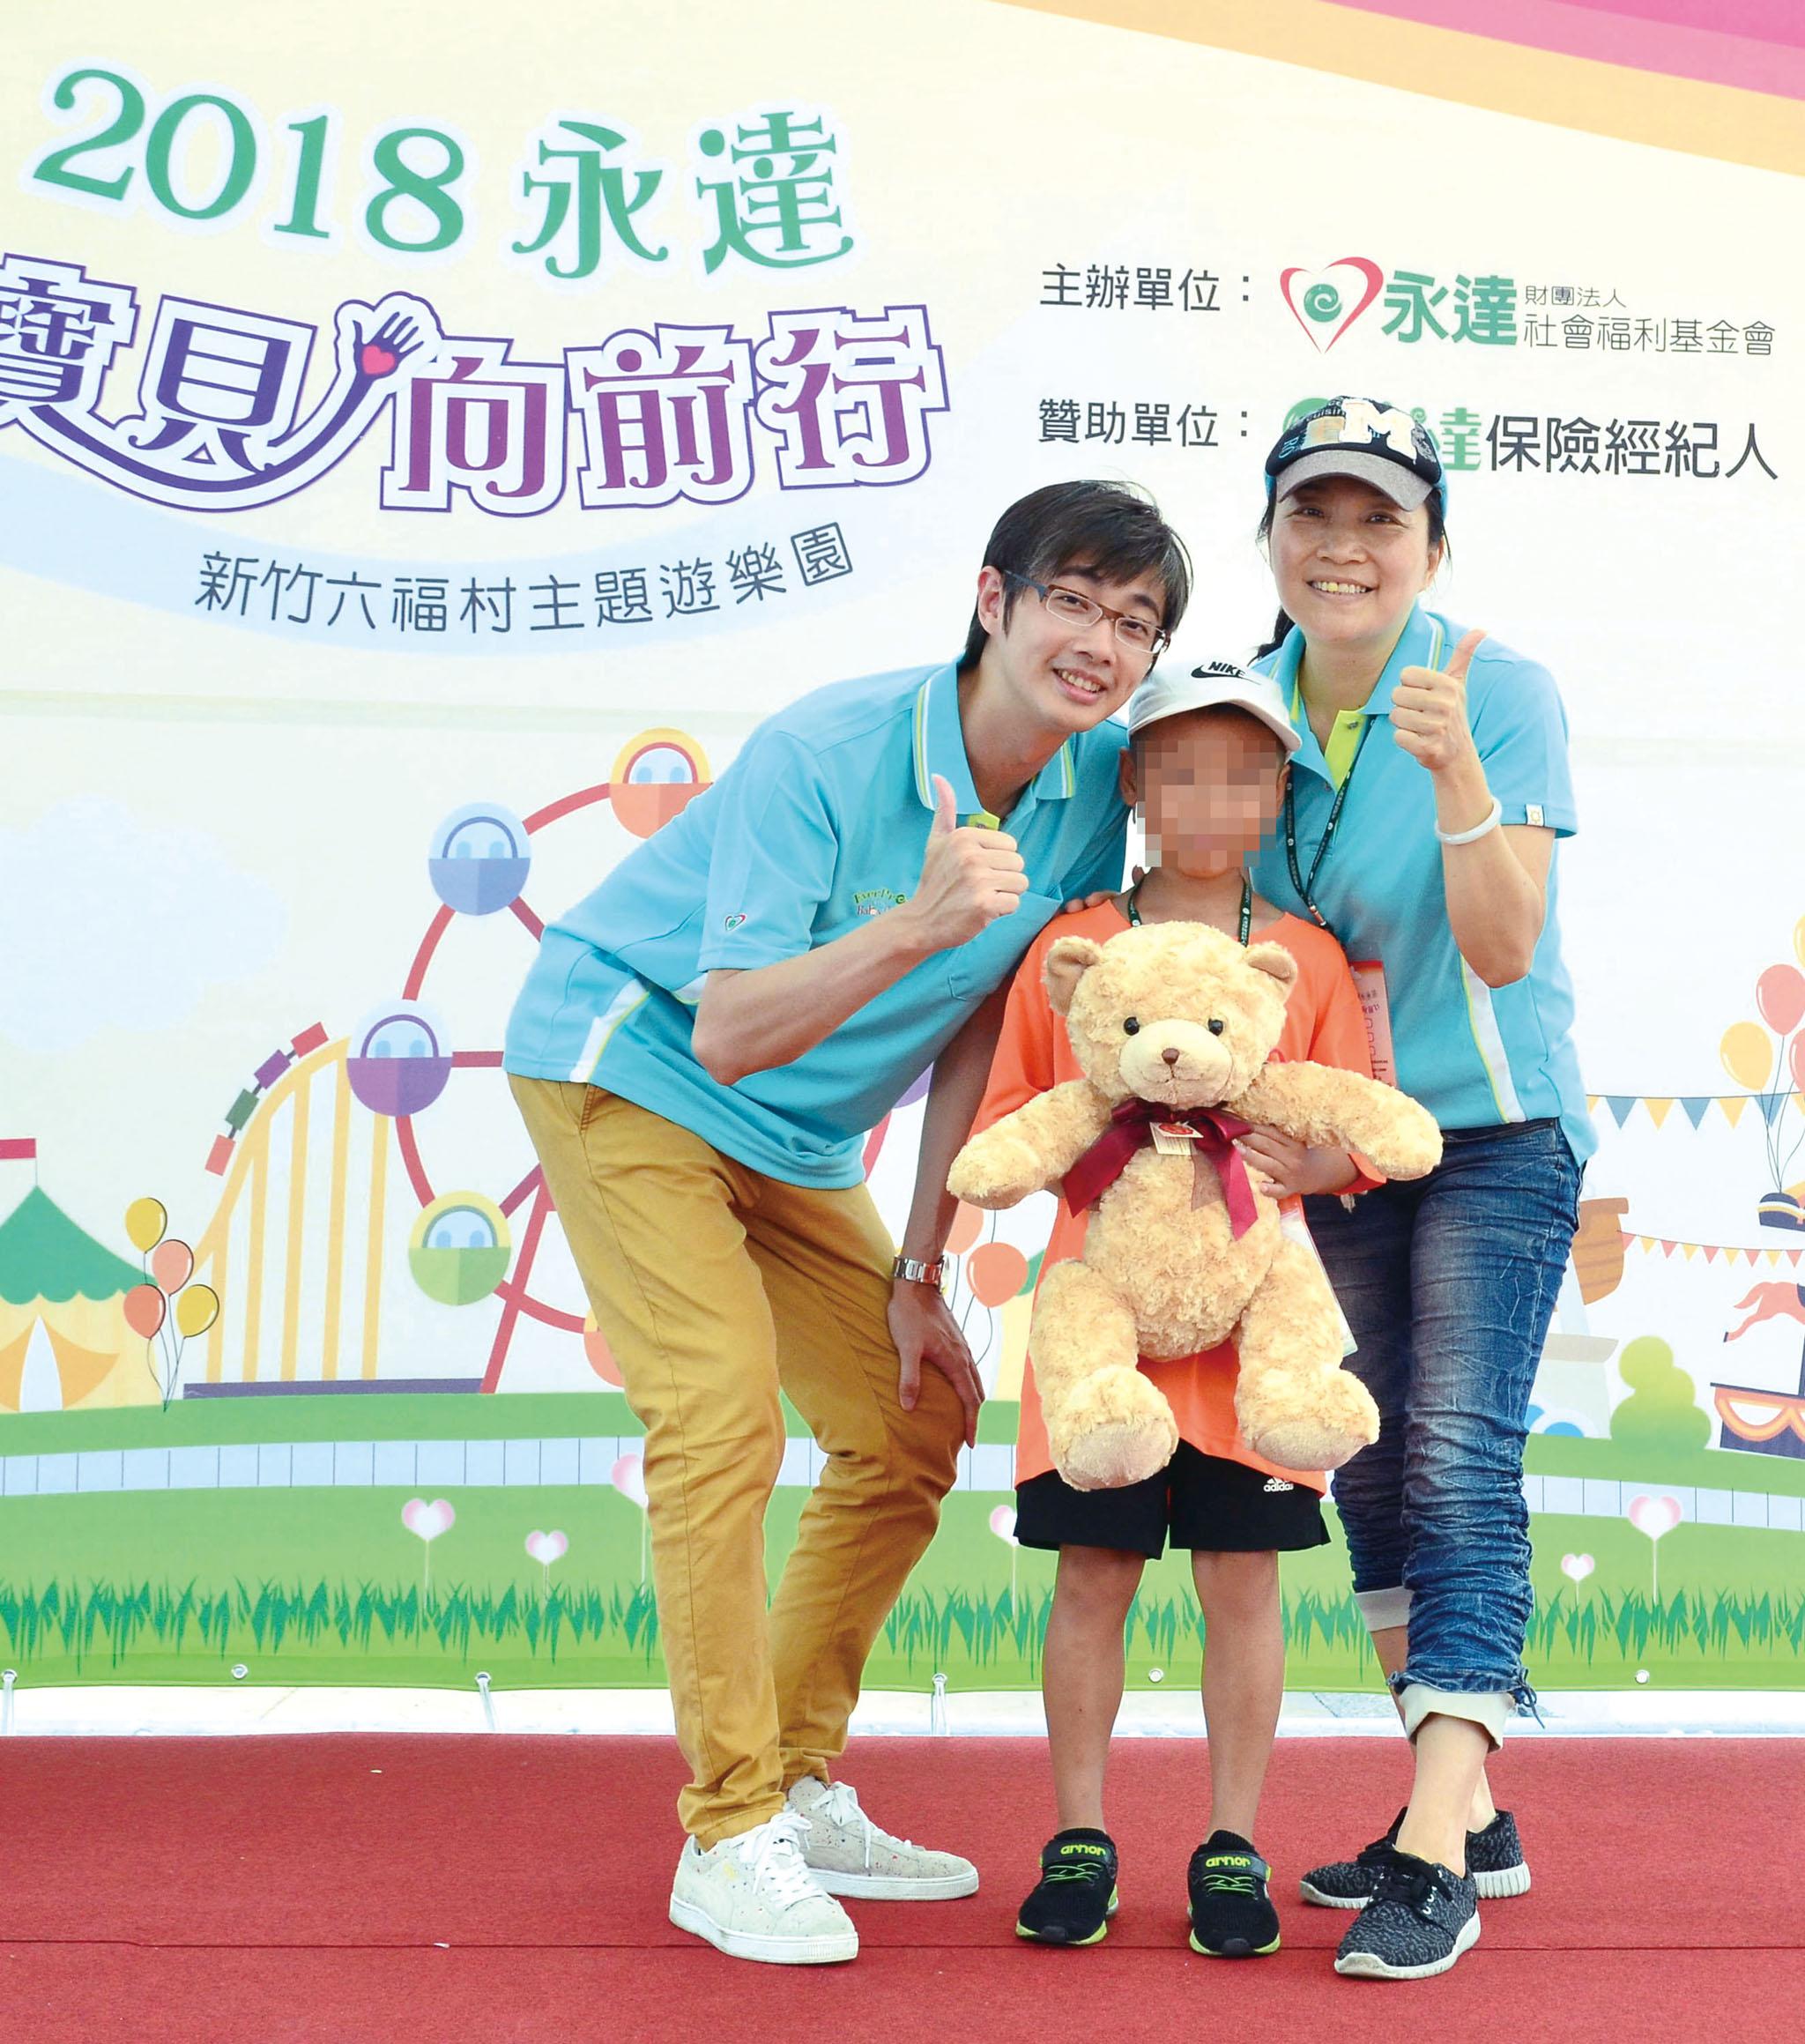 傅泓捷業務籌備協理(左)頒獎給寶貝。